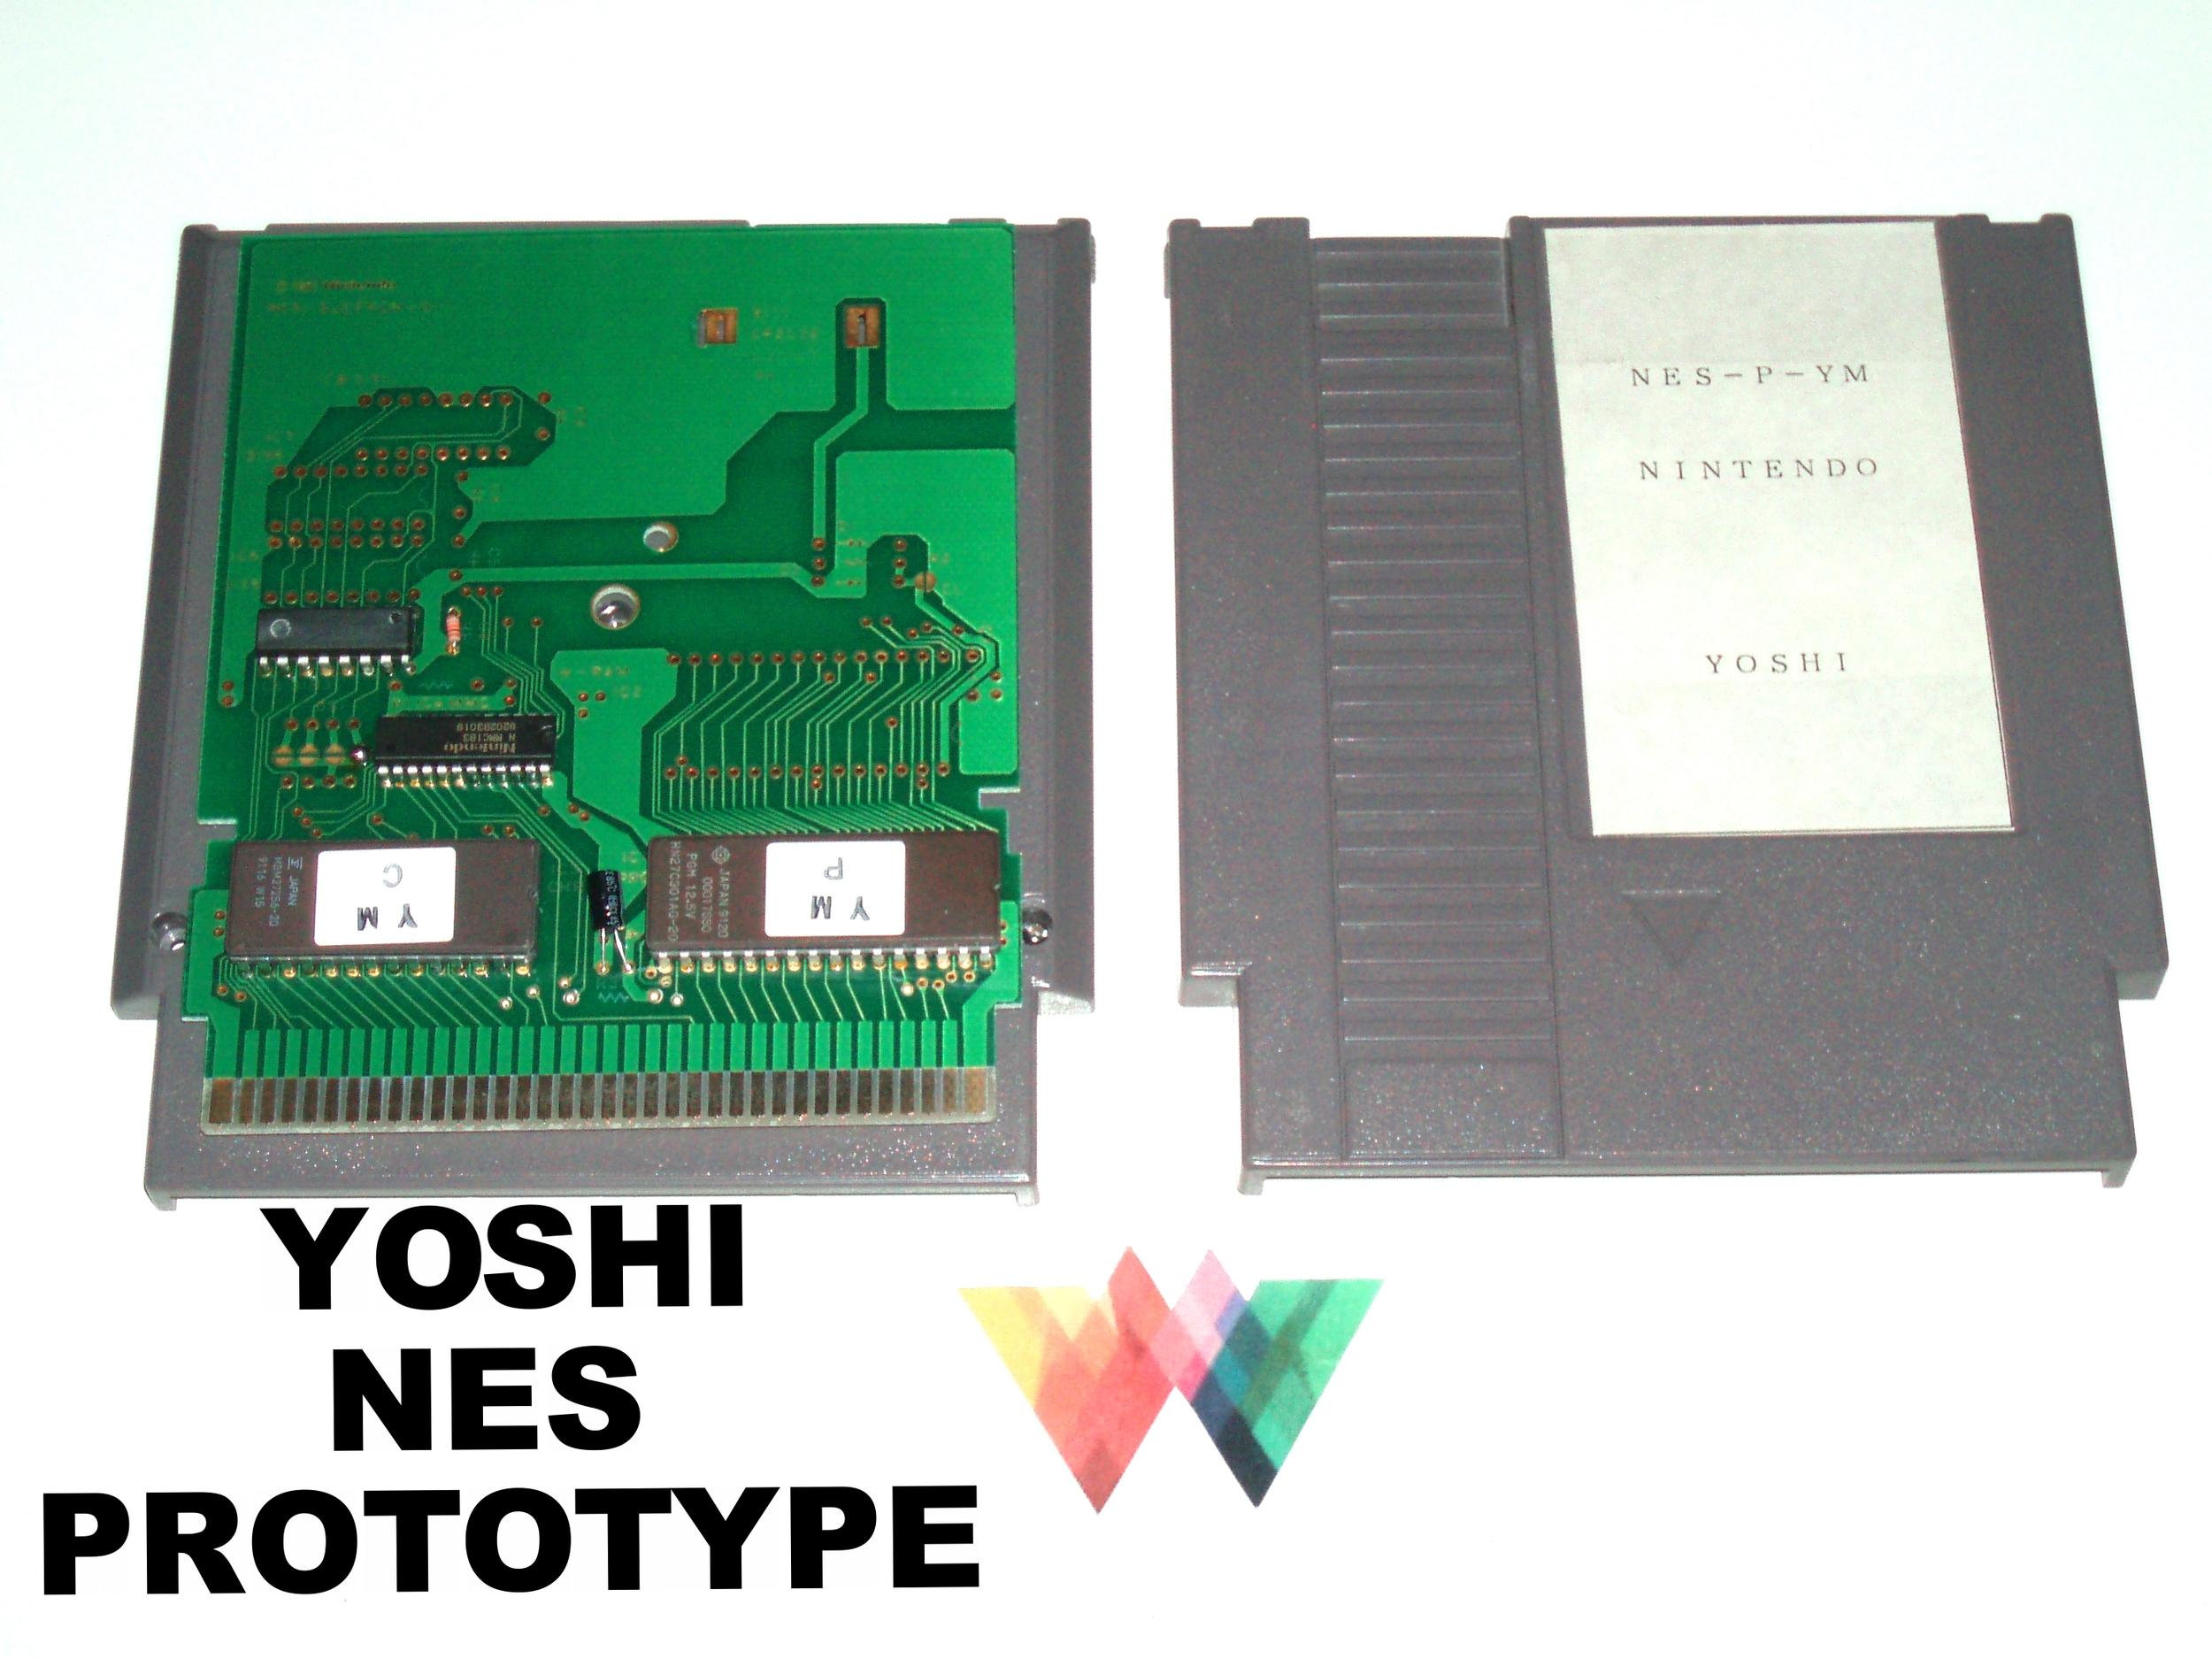 Yoshi NES Prototype